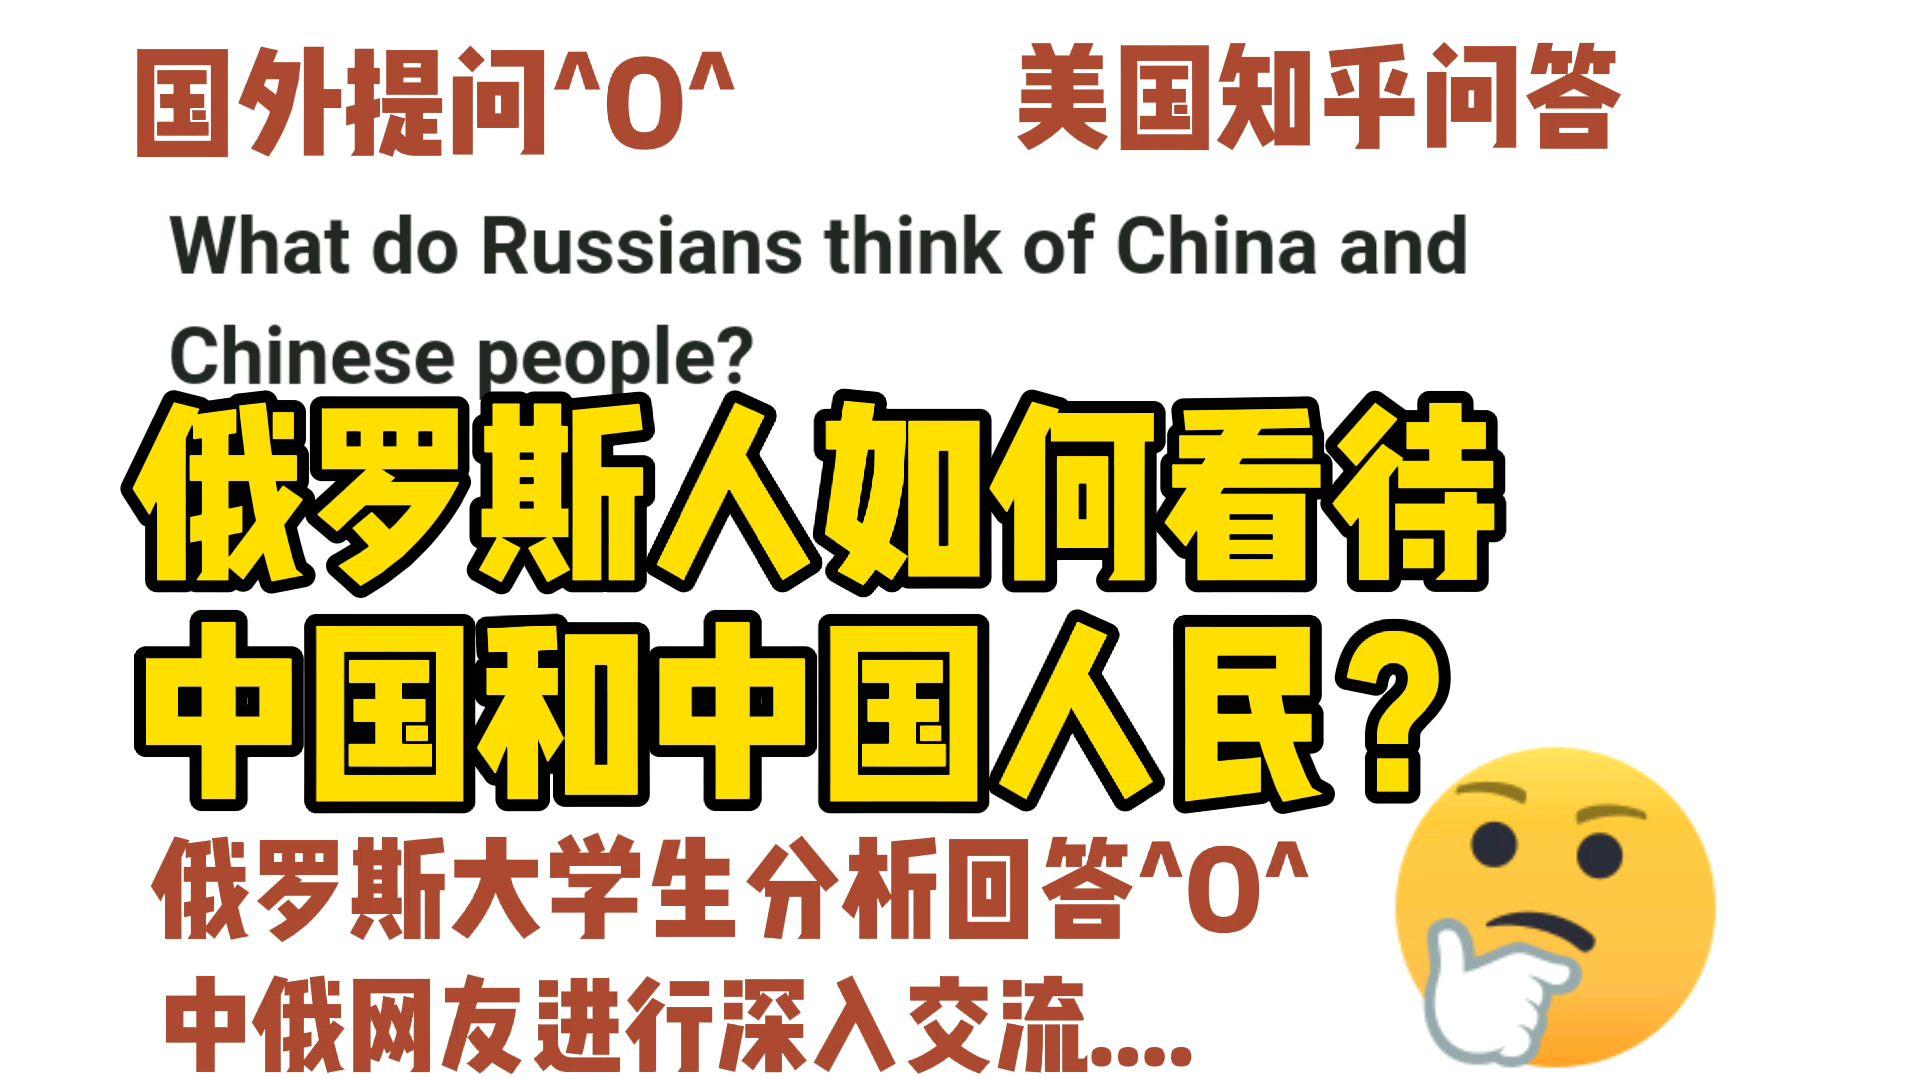 美国知乎,俄罗斯人如何看待中国和中国人民?俄罗斯大学生分析回答,中俄网友深入交流,印度美国网友乱入